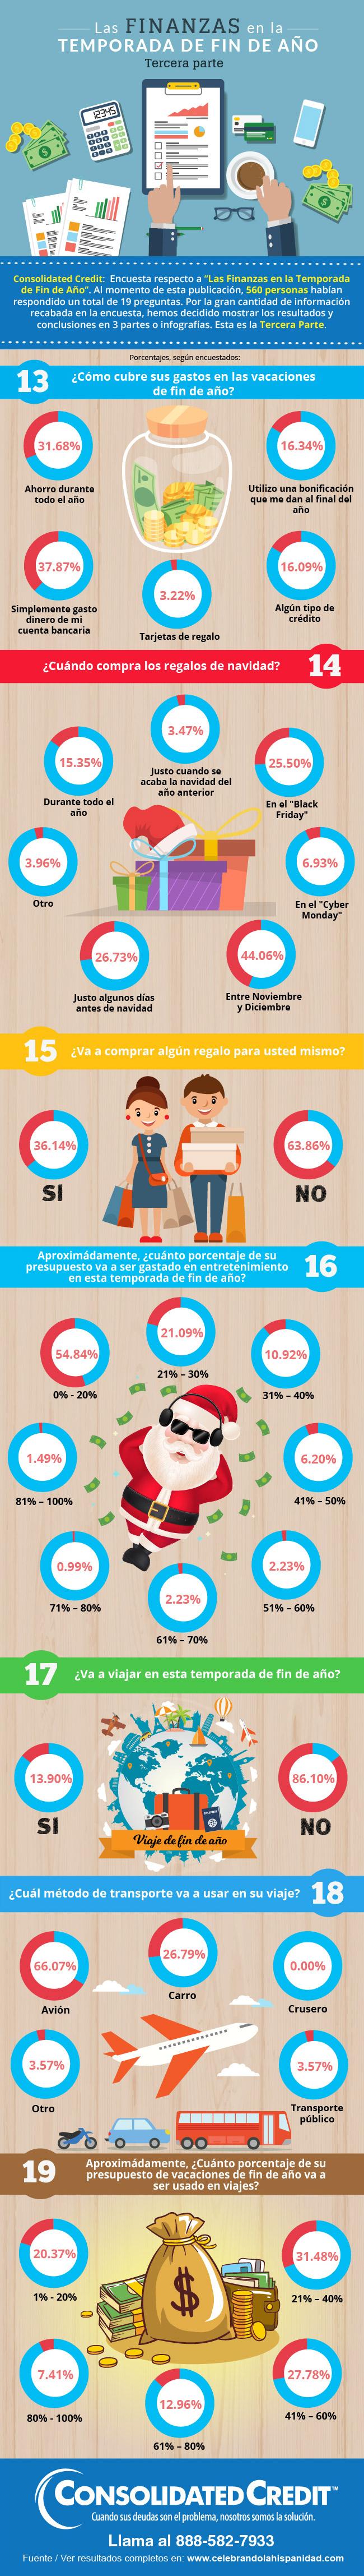 650px-infografia-las-finanzas-en-la-temporada-de-fin-de-año-parte-3